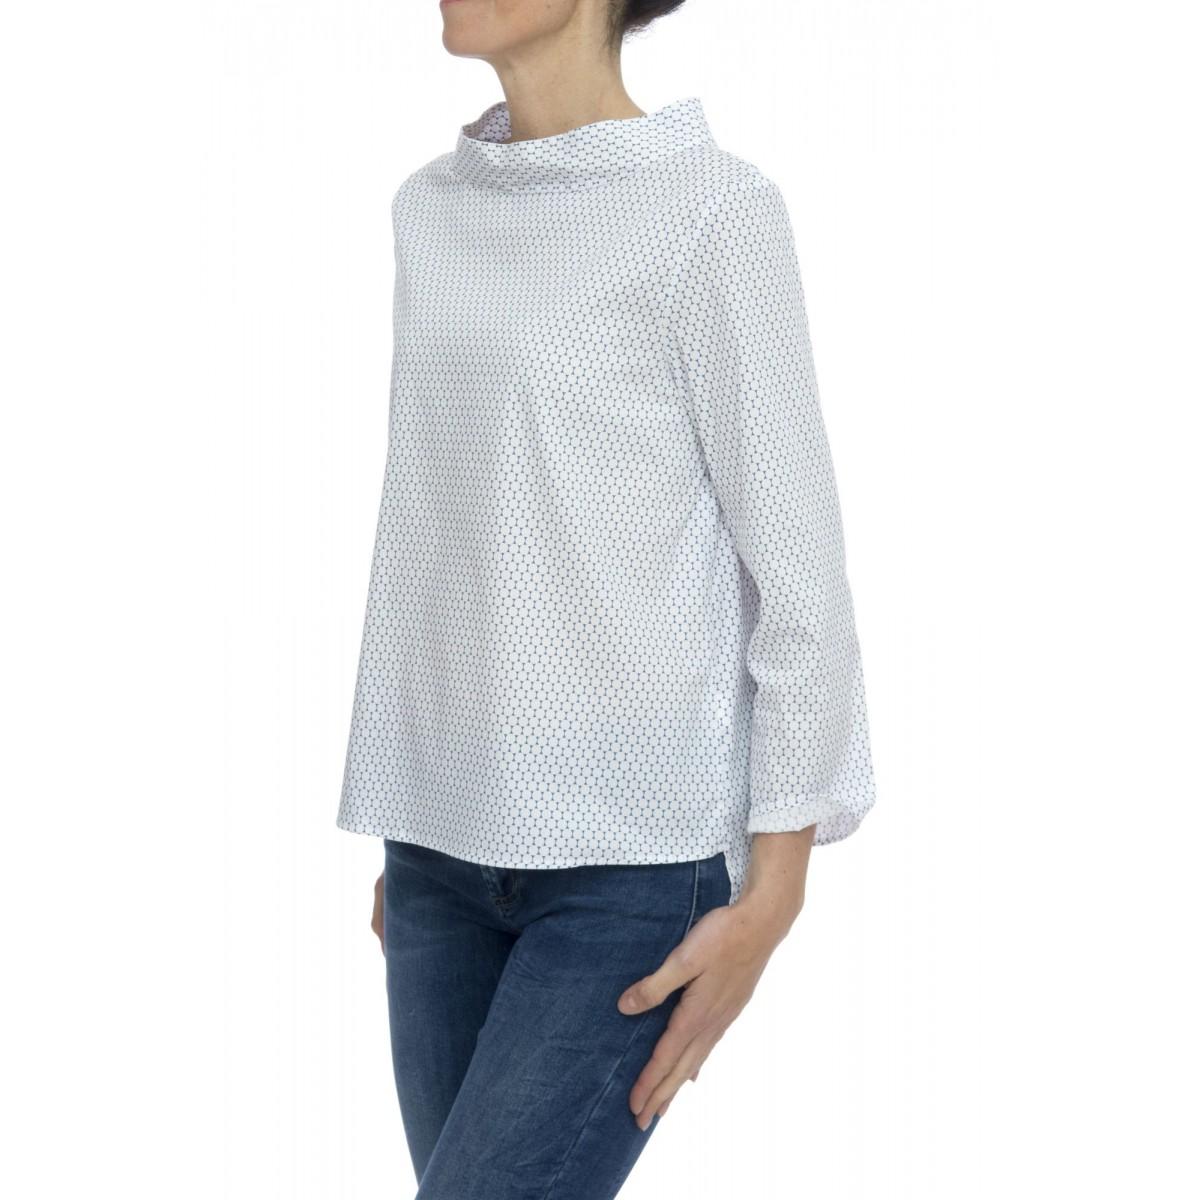 Camicia donna - Clara 85526 camicia stampa pop strech